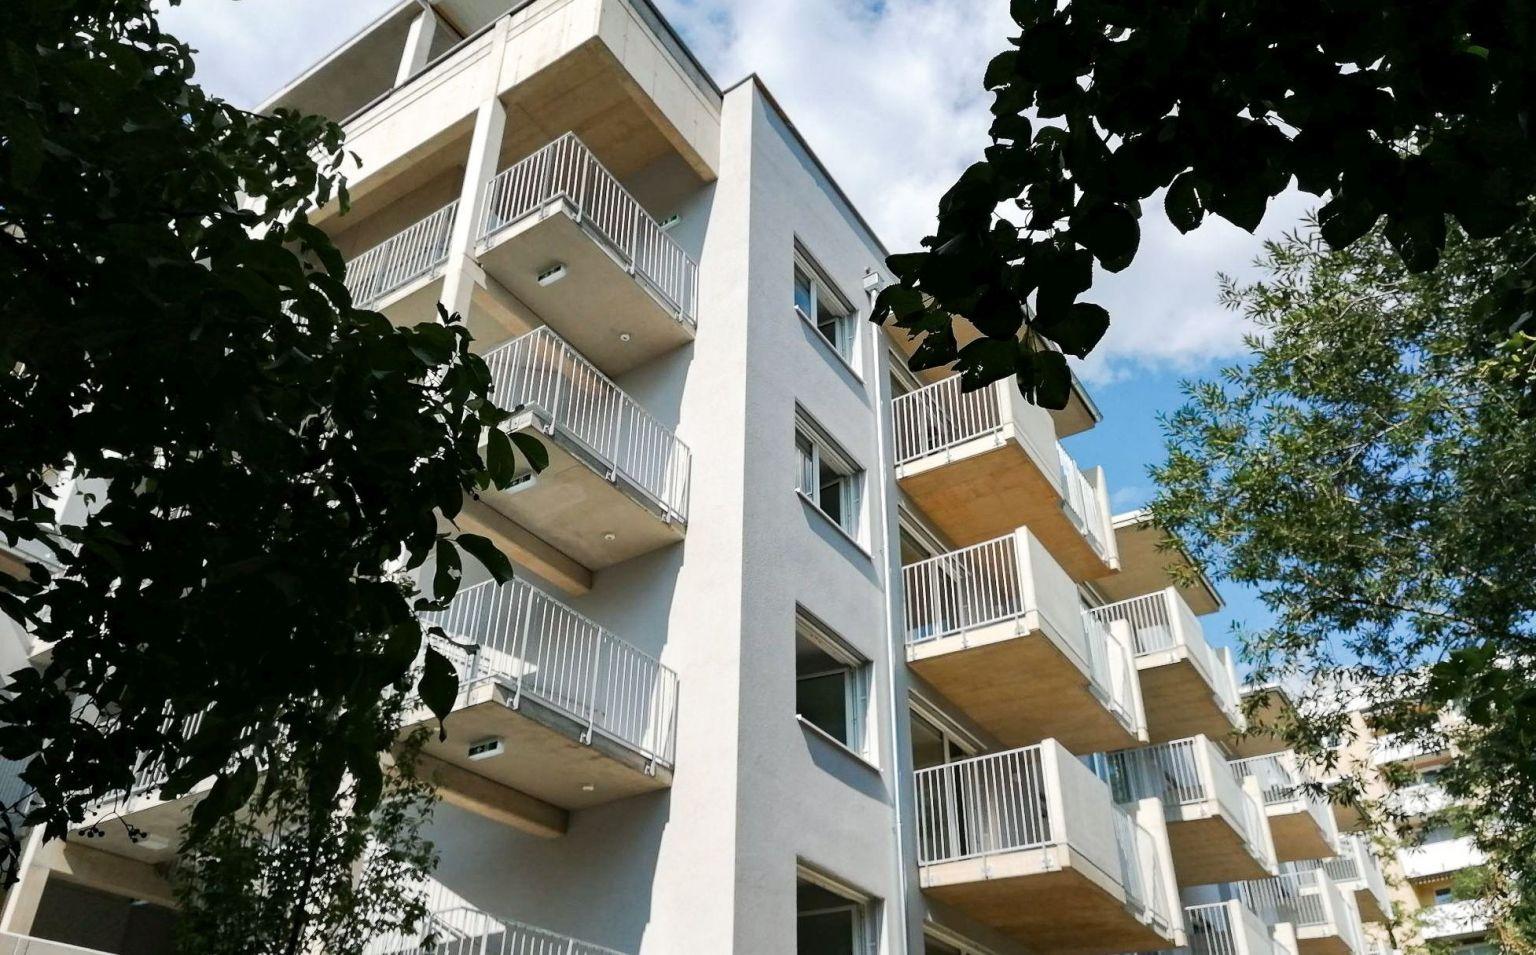 Silver Living stellt Wohnprojekt in Graz fertig